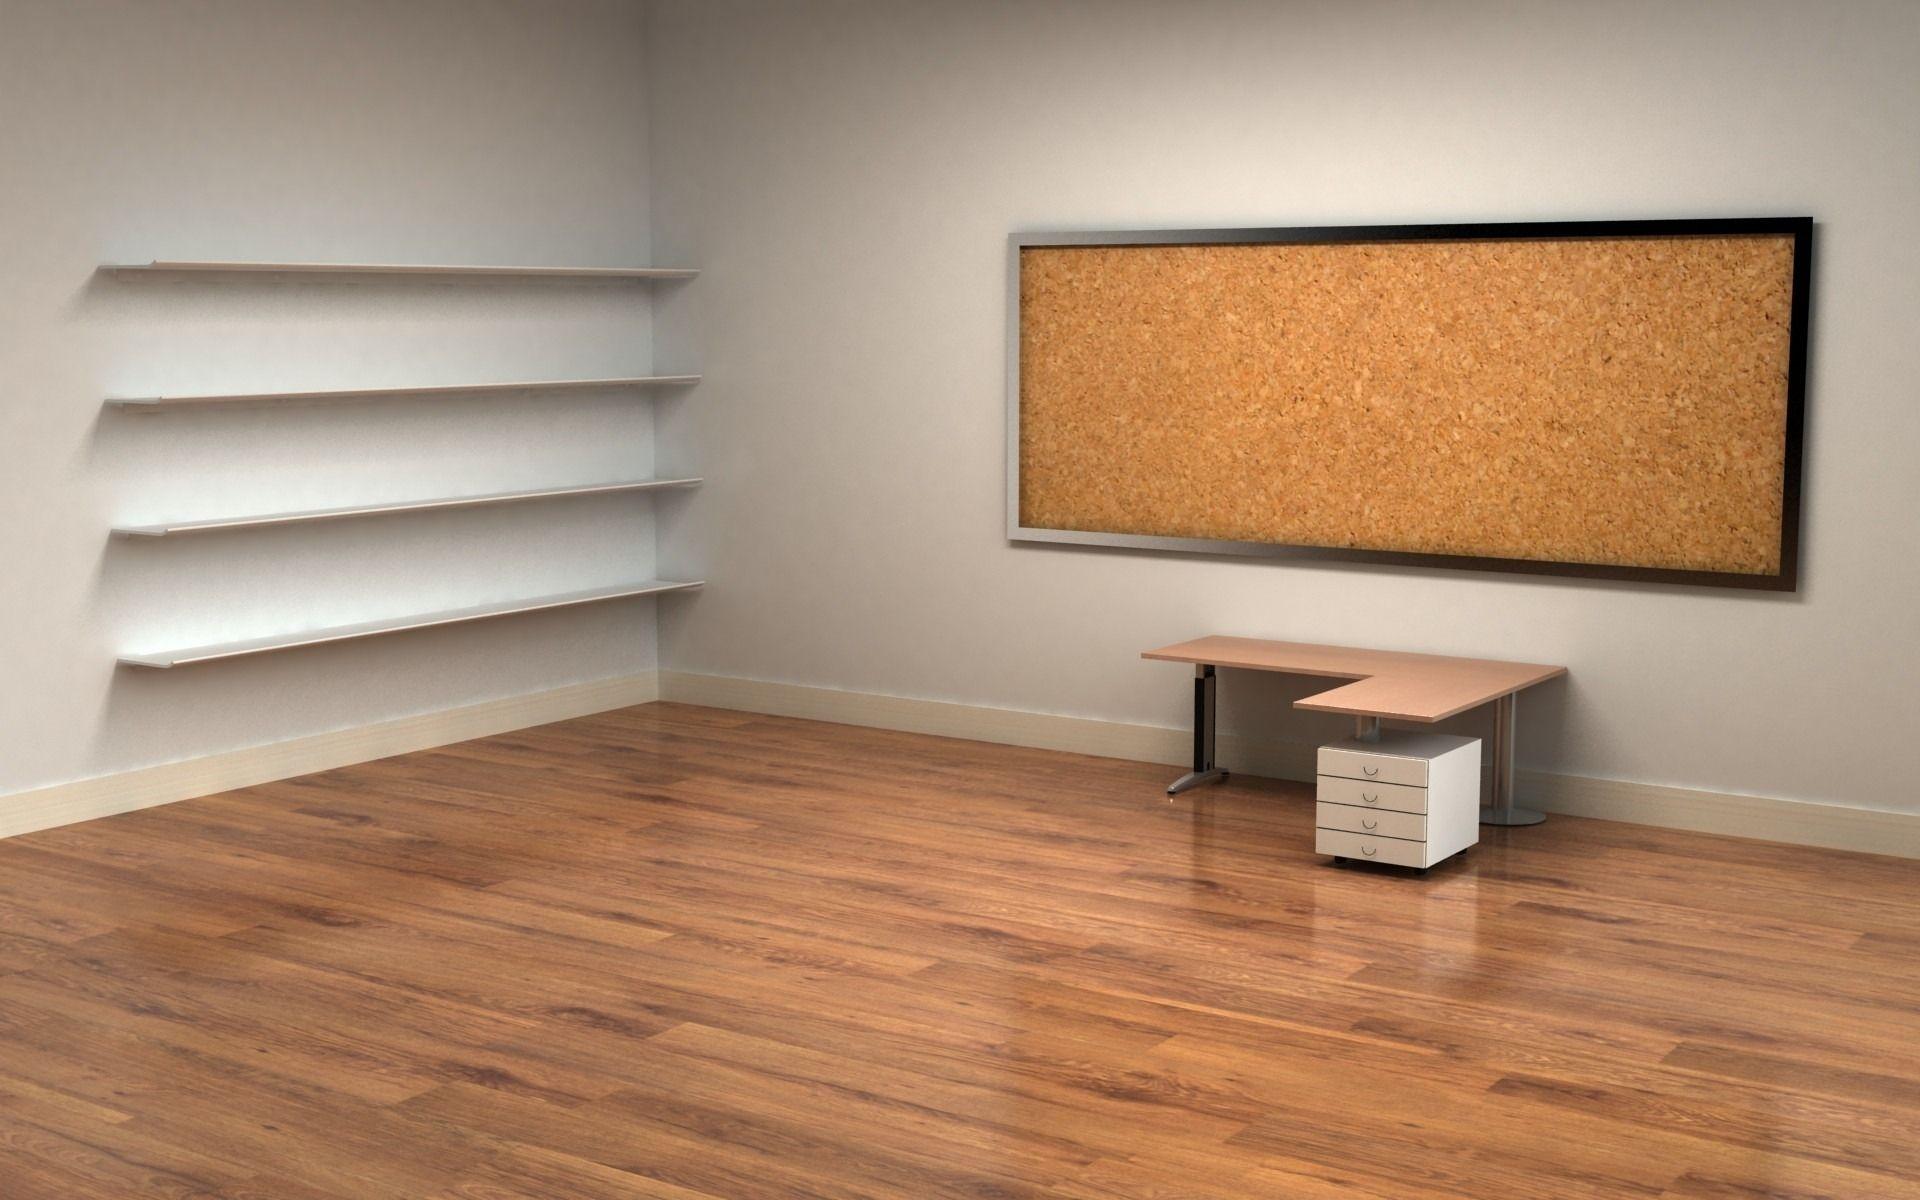 Desktop Backgrounds Room Download Empty Room Wallpapers And